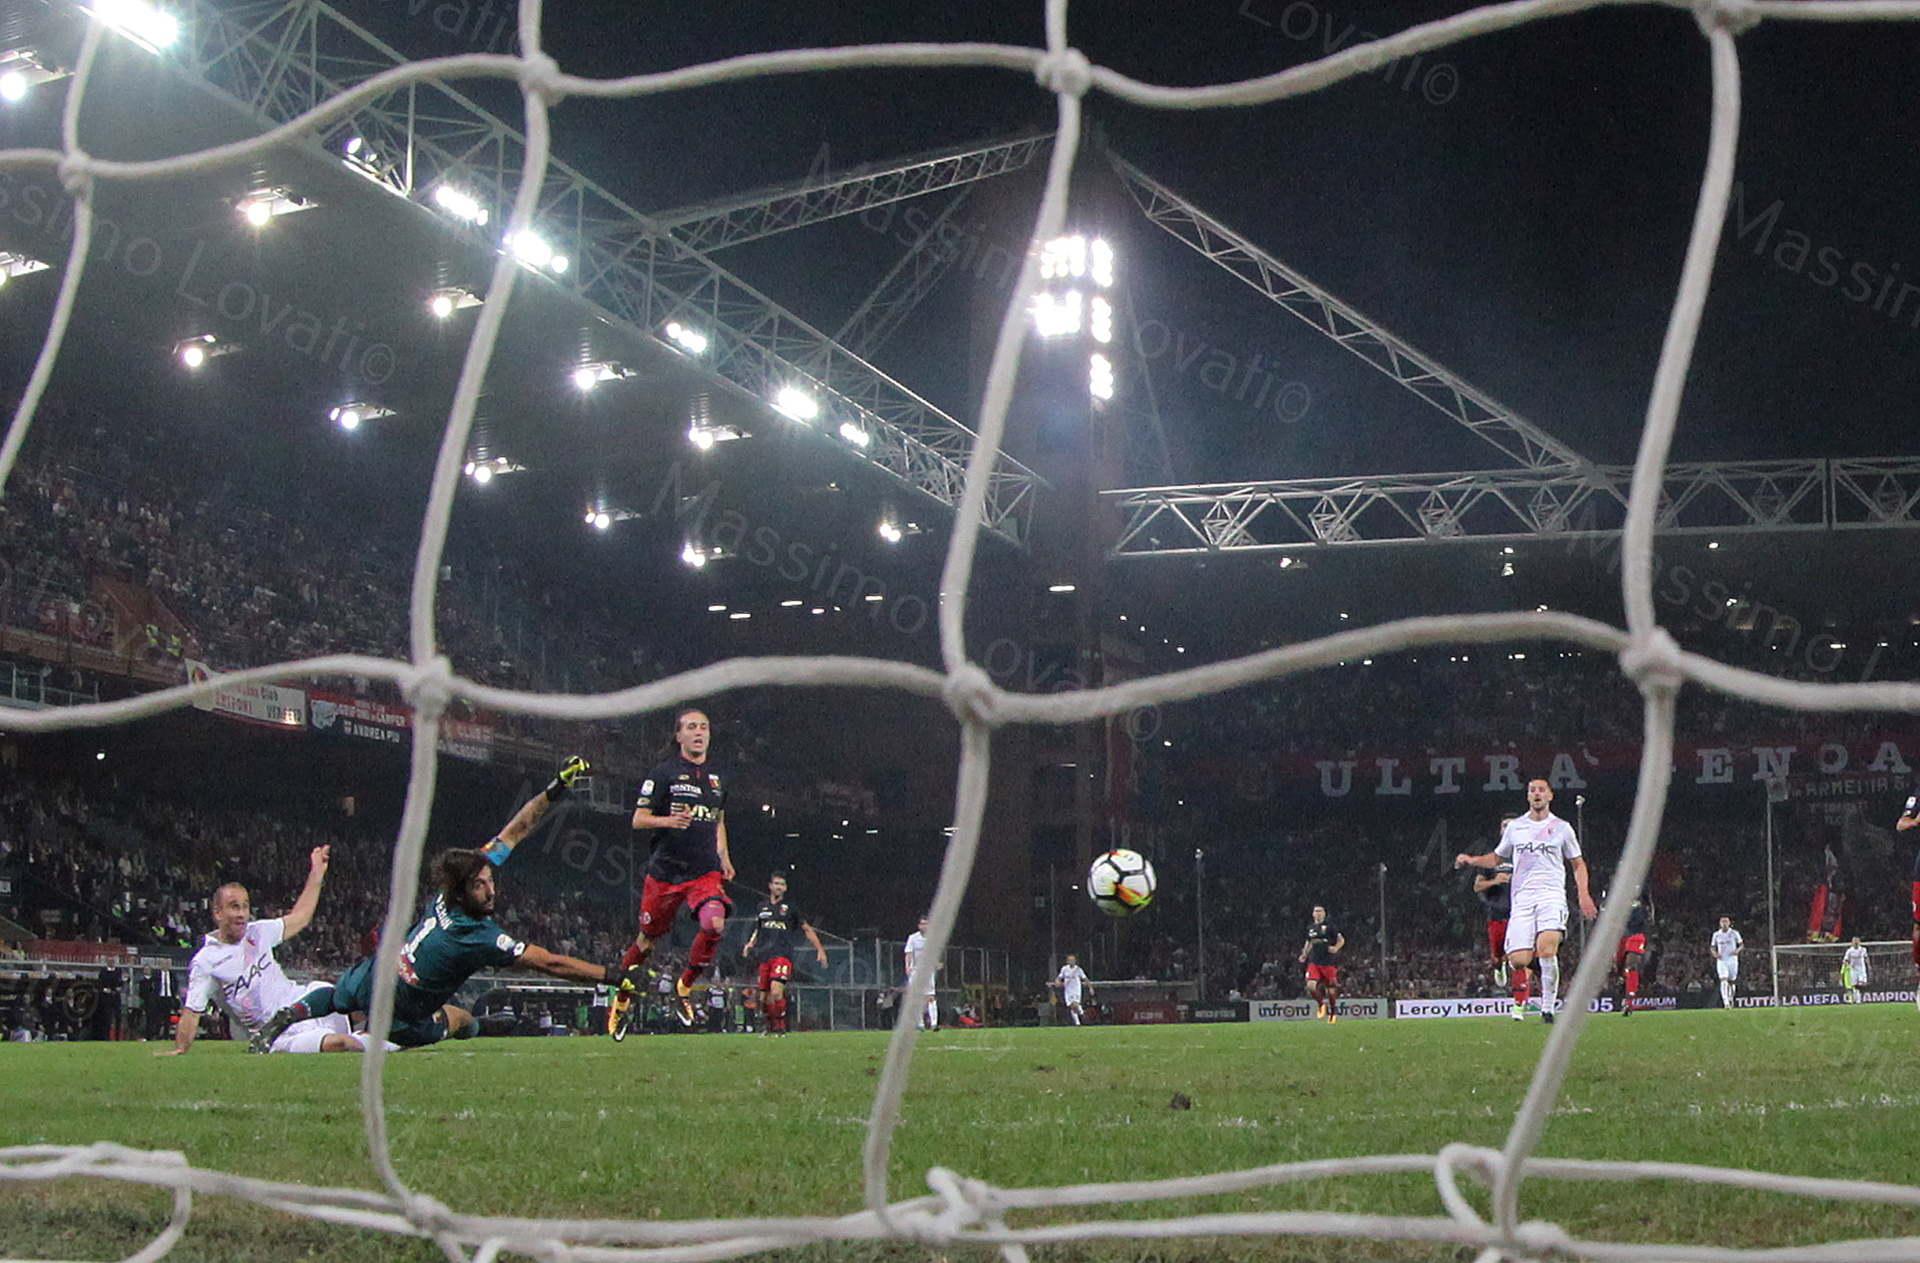 30/09/2017, Genova , Campionato di Calcio Serie A, Genoa- Bologna , nella foto Palacio tira, batte Perin e segna